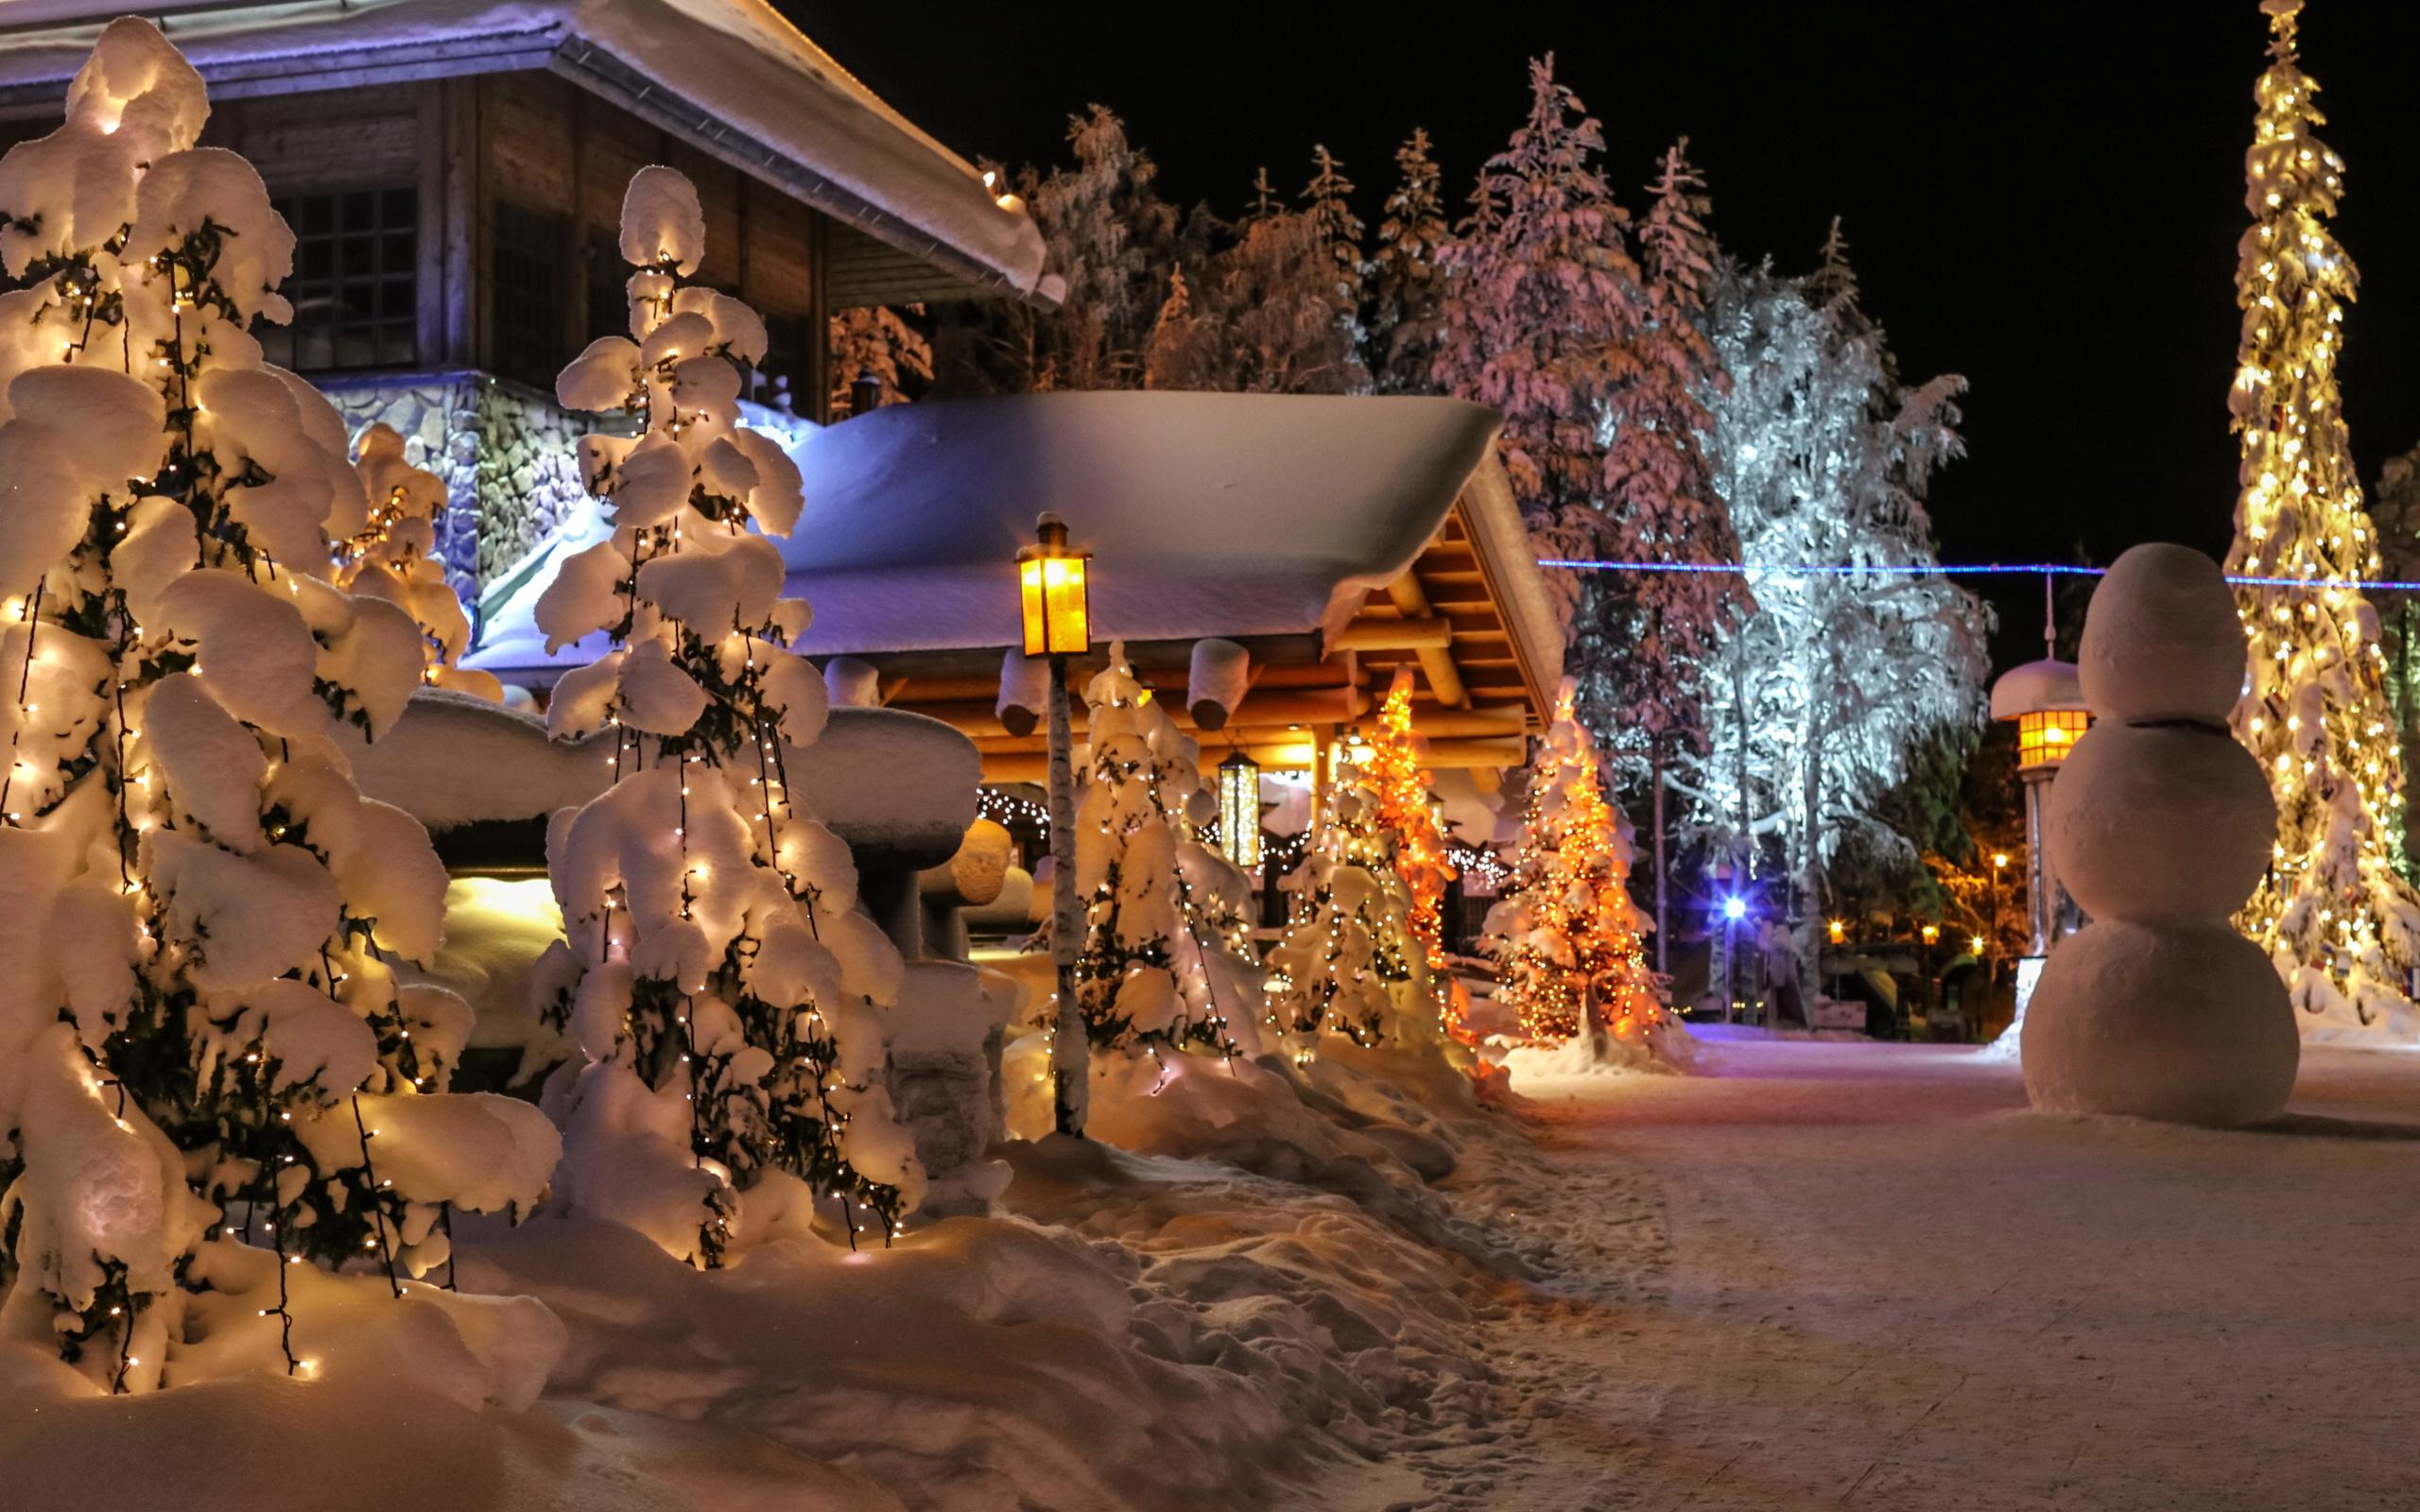 красивые картинки про новый год и зиму